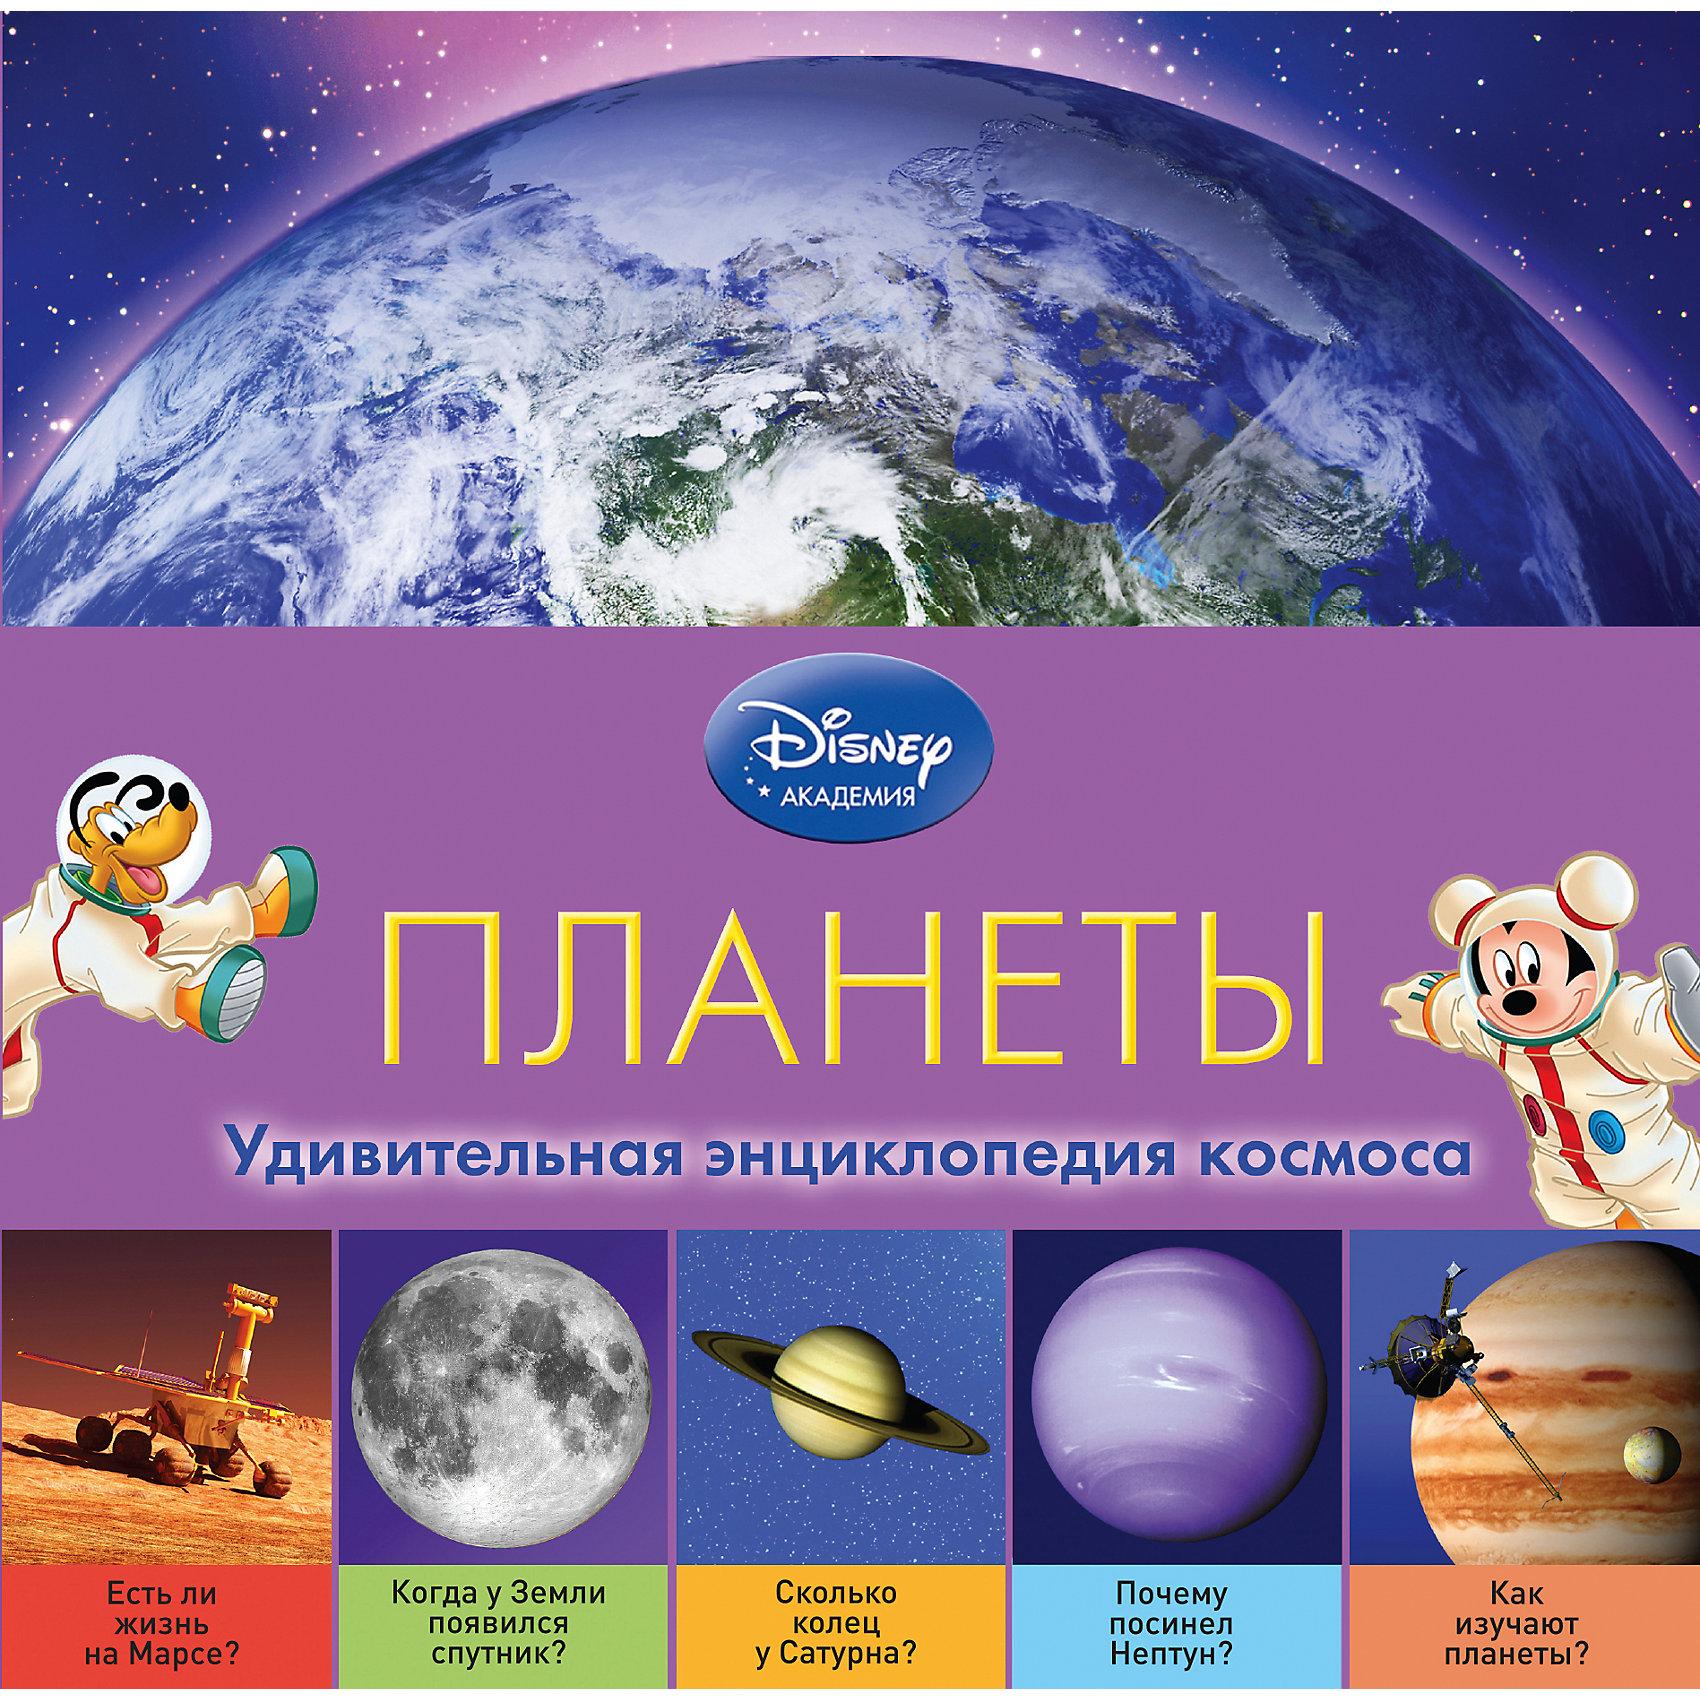 Энциклопедия Планеты, DisneyГерои Disney приглашают маленьких читателей в невероятное путешествие по планетам Солнечной системы. В компании любимых персонажей ребёнок узнает о том, почему Меркурий покрыт кратерами, а Венера – вулканами; правда ли, что у Сатурна больше шестидесяти лун; где на Земле можно разыскать следы астероидов и многое-многое другое. Малыша ждут не только любопытнейшие факты, изложенные доступным и увлекательным языком, но и восхитительные фотографии – большие, яркие и красочные. Благодаря этой книге ребёнок разовьёт познавательные способности, кругозор и структурное мышление, а также получит первый опыт работы с энциклопедической литературой.<br><br>Дополнительная информация:<br><br>- Формат: 21,5х21,5 см.<br>- Переплет: твердый<br>- Иллюстрации: цветные.<br>- Количество страниц: 40 стр.<br>- Автор: Fraknoi Andrew<br>- Редактор: Жилинская А.<br><br>Энциклопедию Звёзды, Disney, (Дисней) можно купить в нашем магазине.<br><br>Ширина мм: 220<br>Глубина мм: 215<br>Высота мм: 11<br>Вес г: 326<br>Возраст от месяцев: 84<br>Возраст до месяцев: 132<br>Пол: Унисекс<br>Возраст: Детский<br>SKU: 4047782